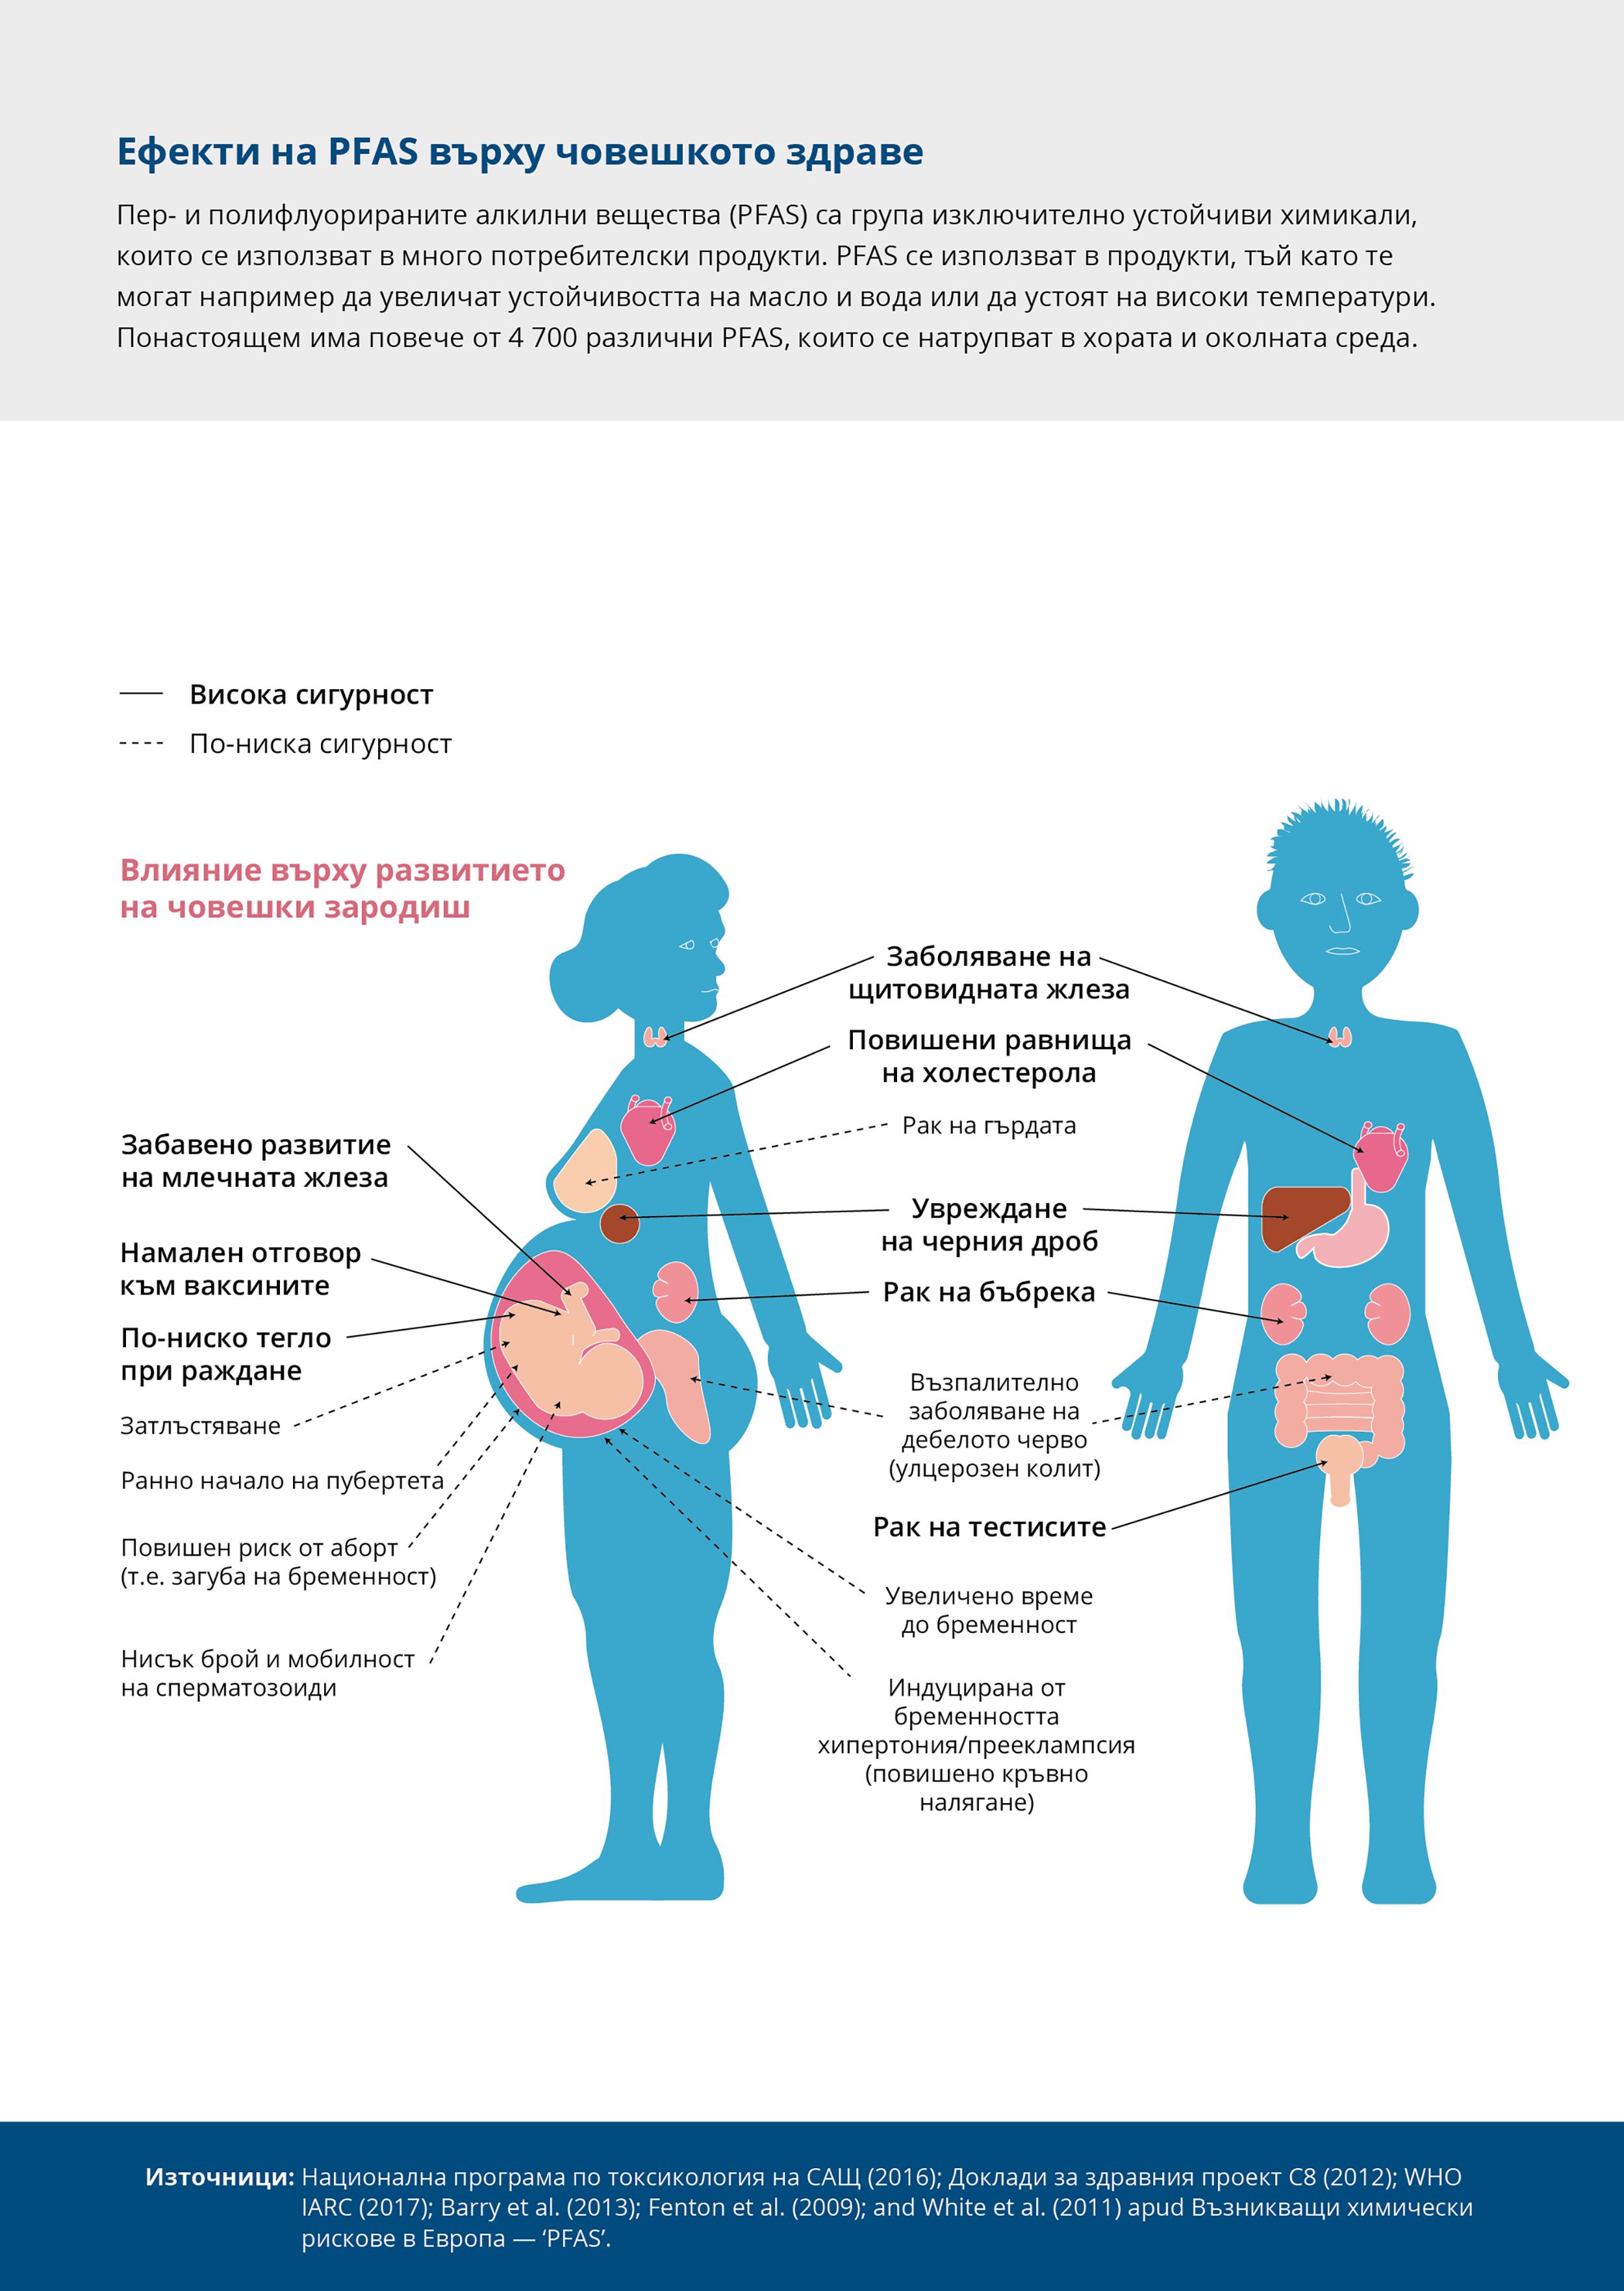 Ефекти на PFAS върху човешкото здраве